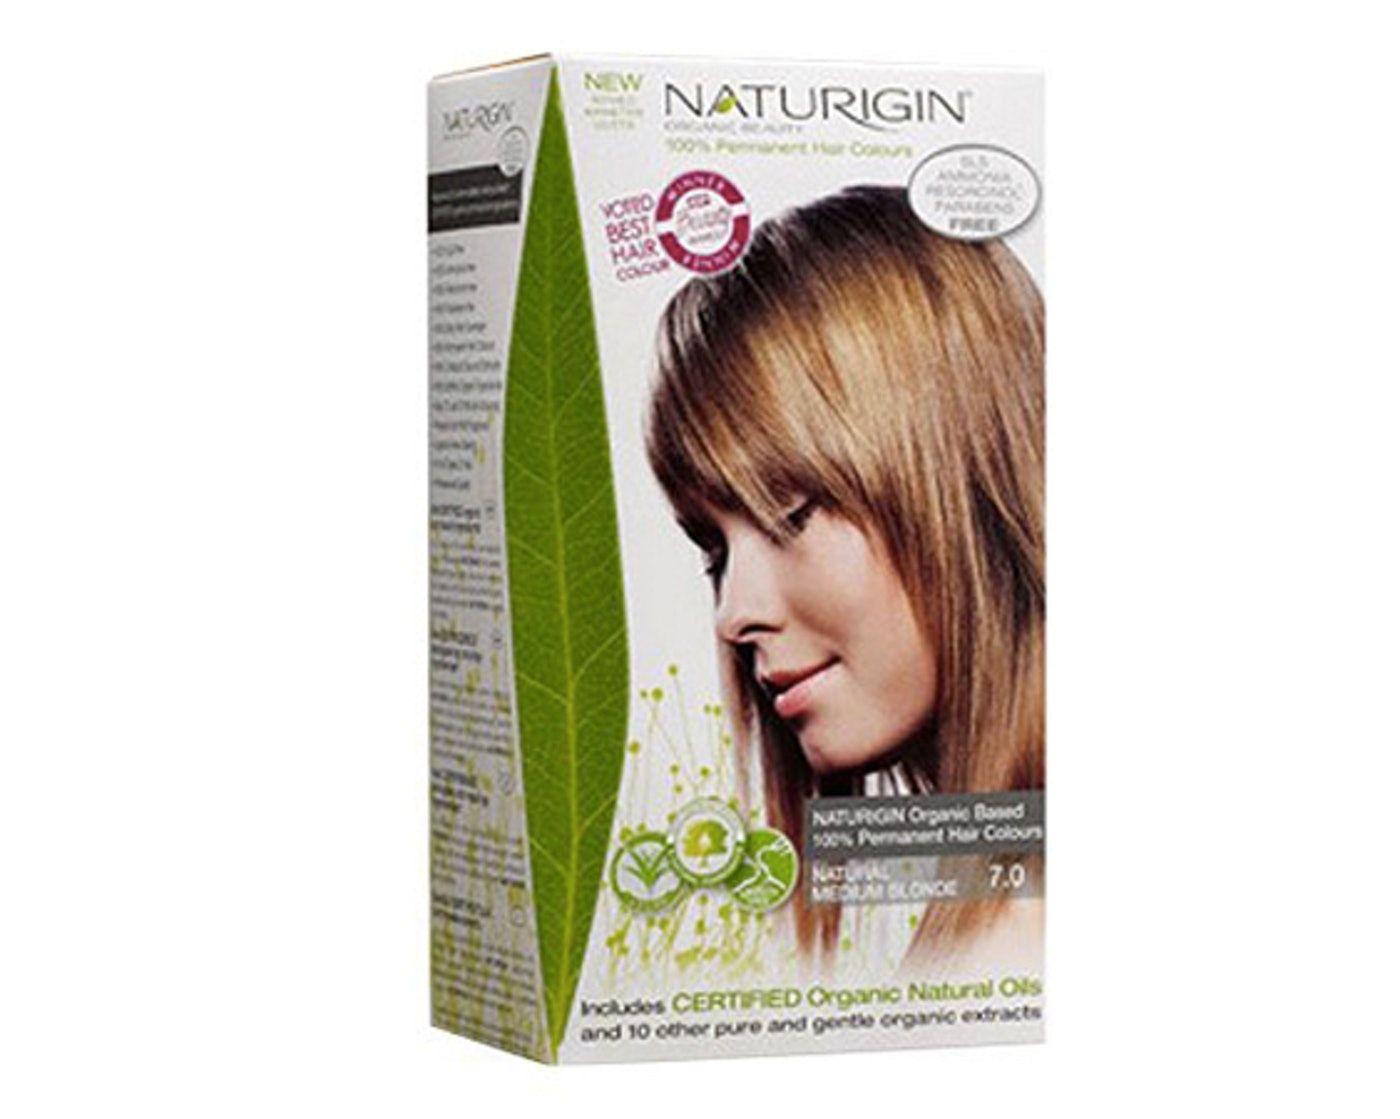 10 Vegan Hair Dyes That Actually Work Vegan Hair Vegan Hair Dye Box Hair Dye